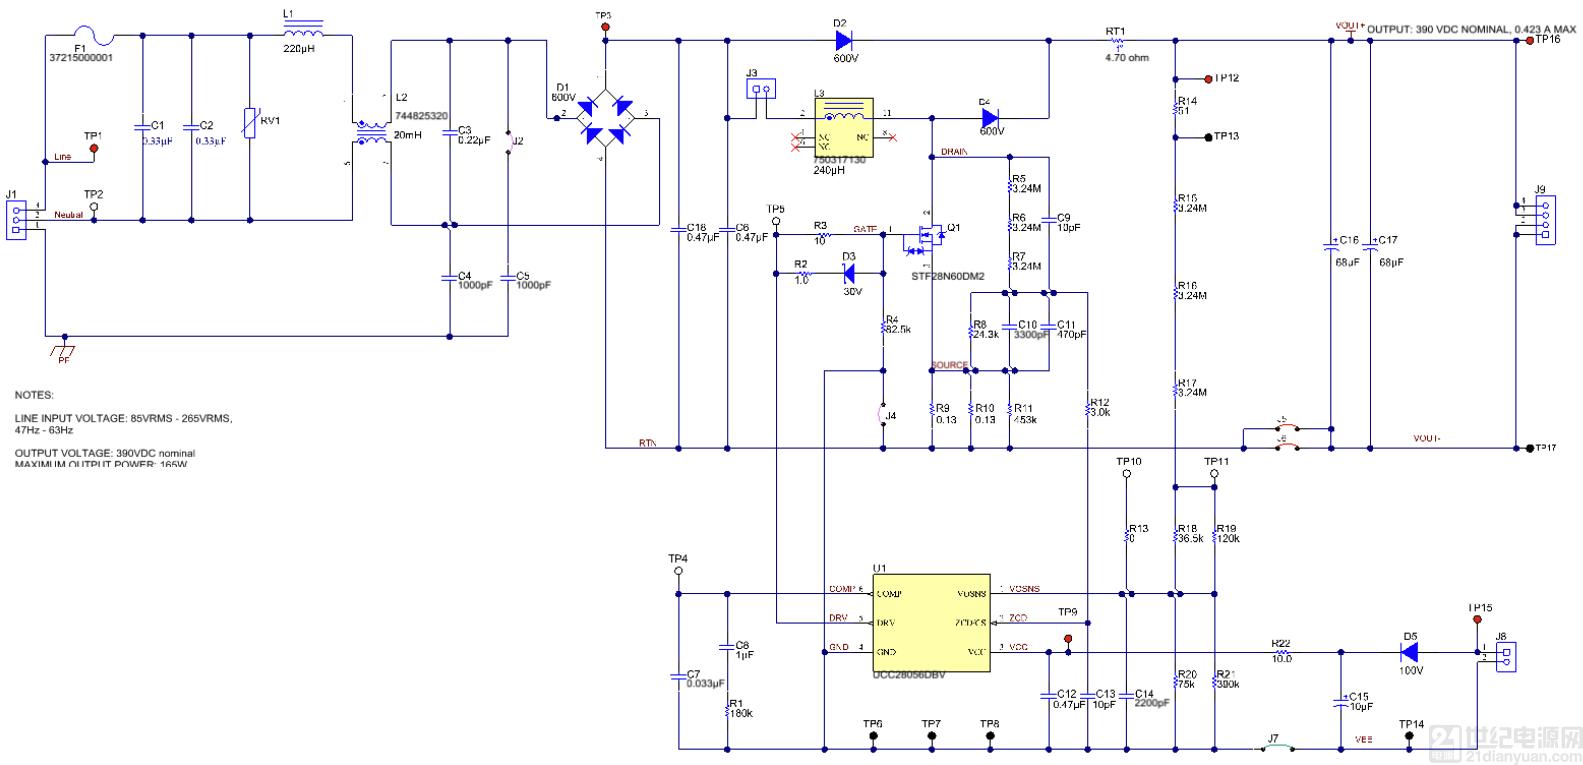 在离线应用中采用 UCC28056 来优化效率和待机功耗